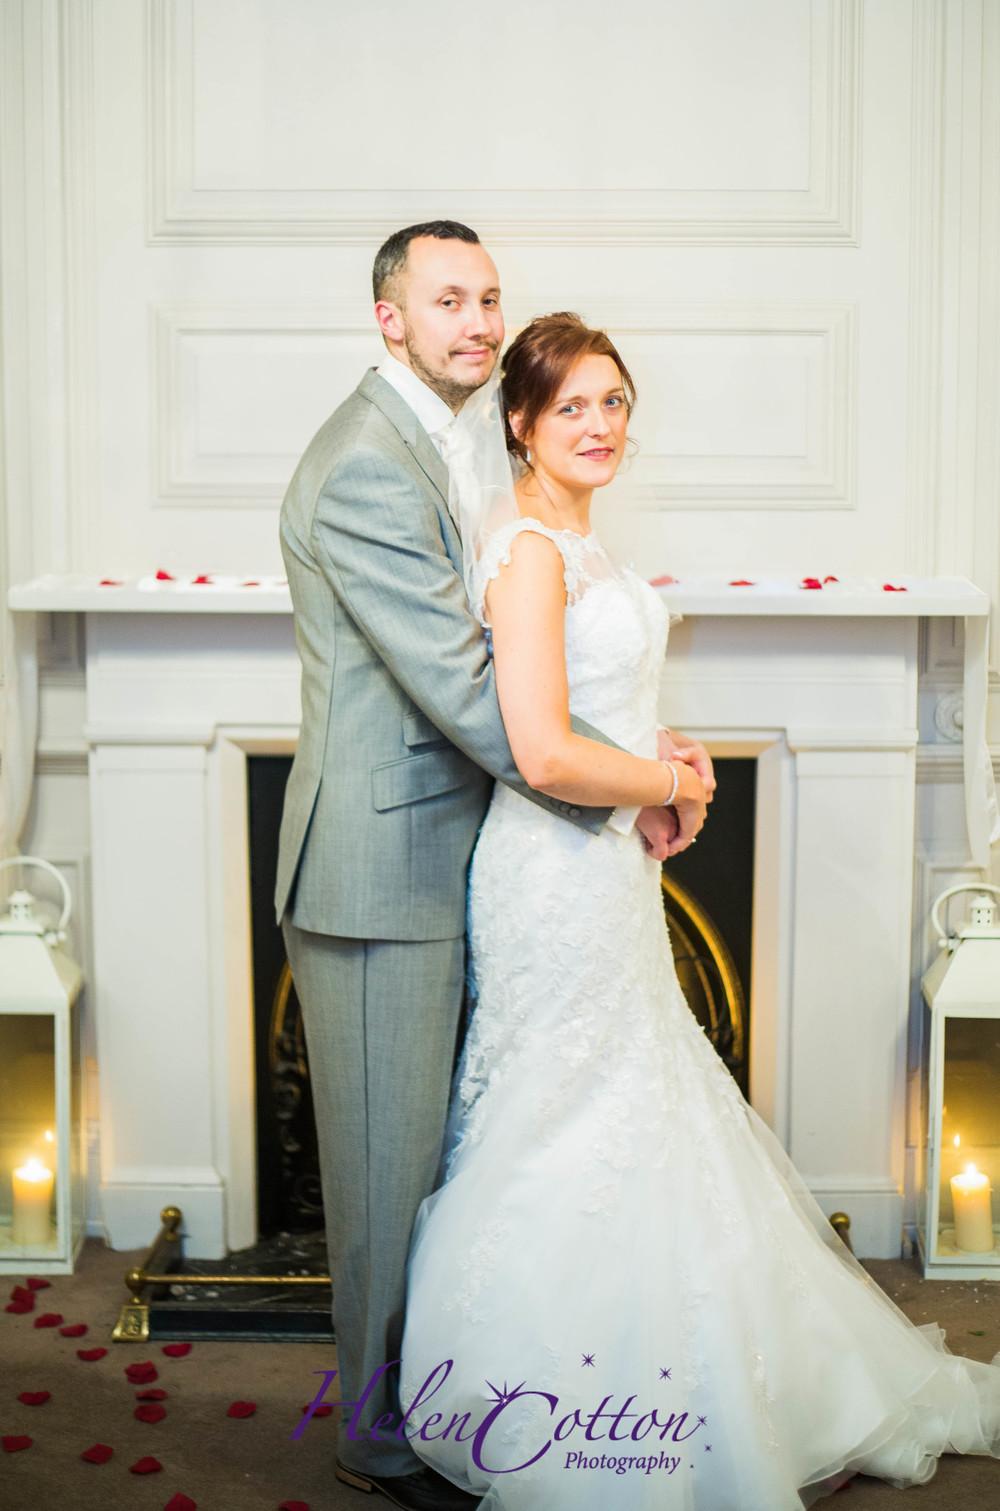 BECKY & MATT'S WEDDING_Helen Cotton Photography©-0079.JPG